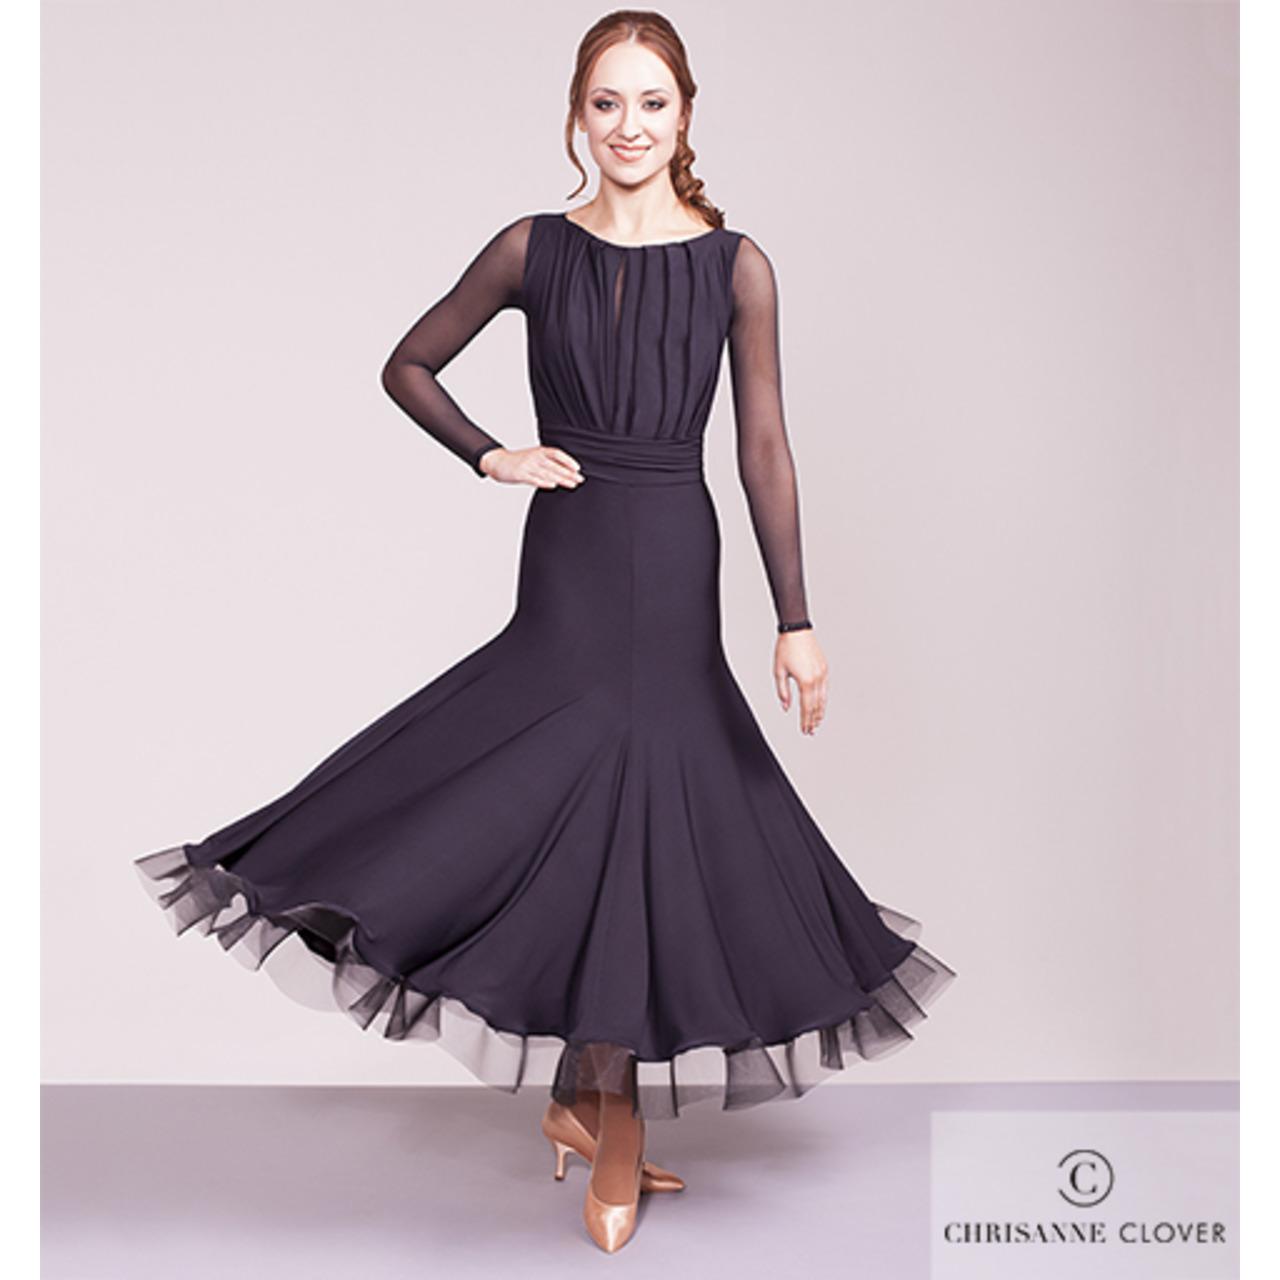 EVERMORE BALLROOM DRESS